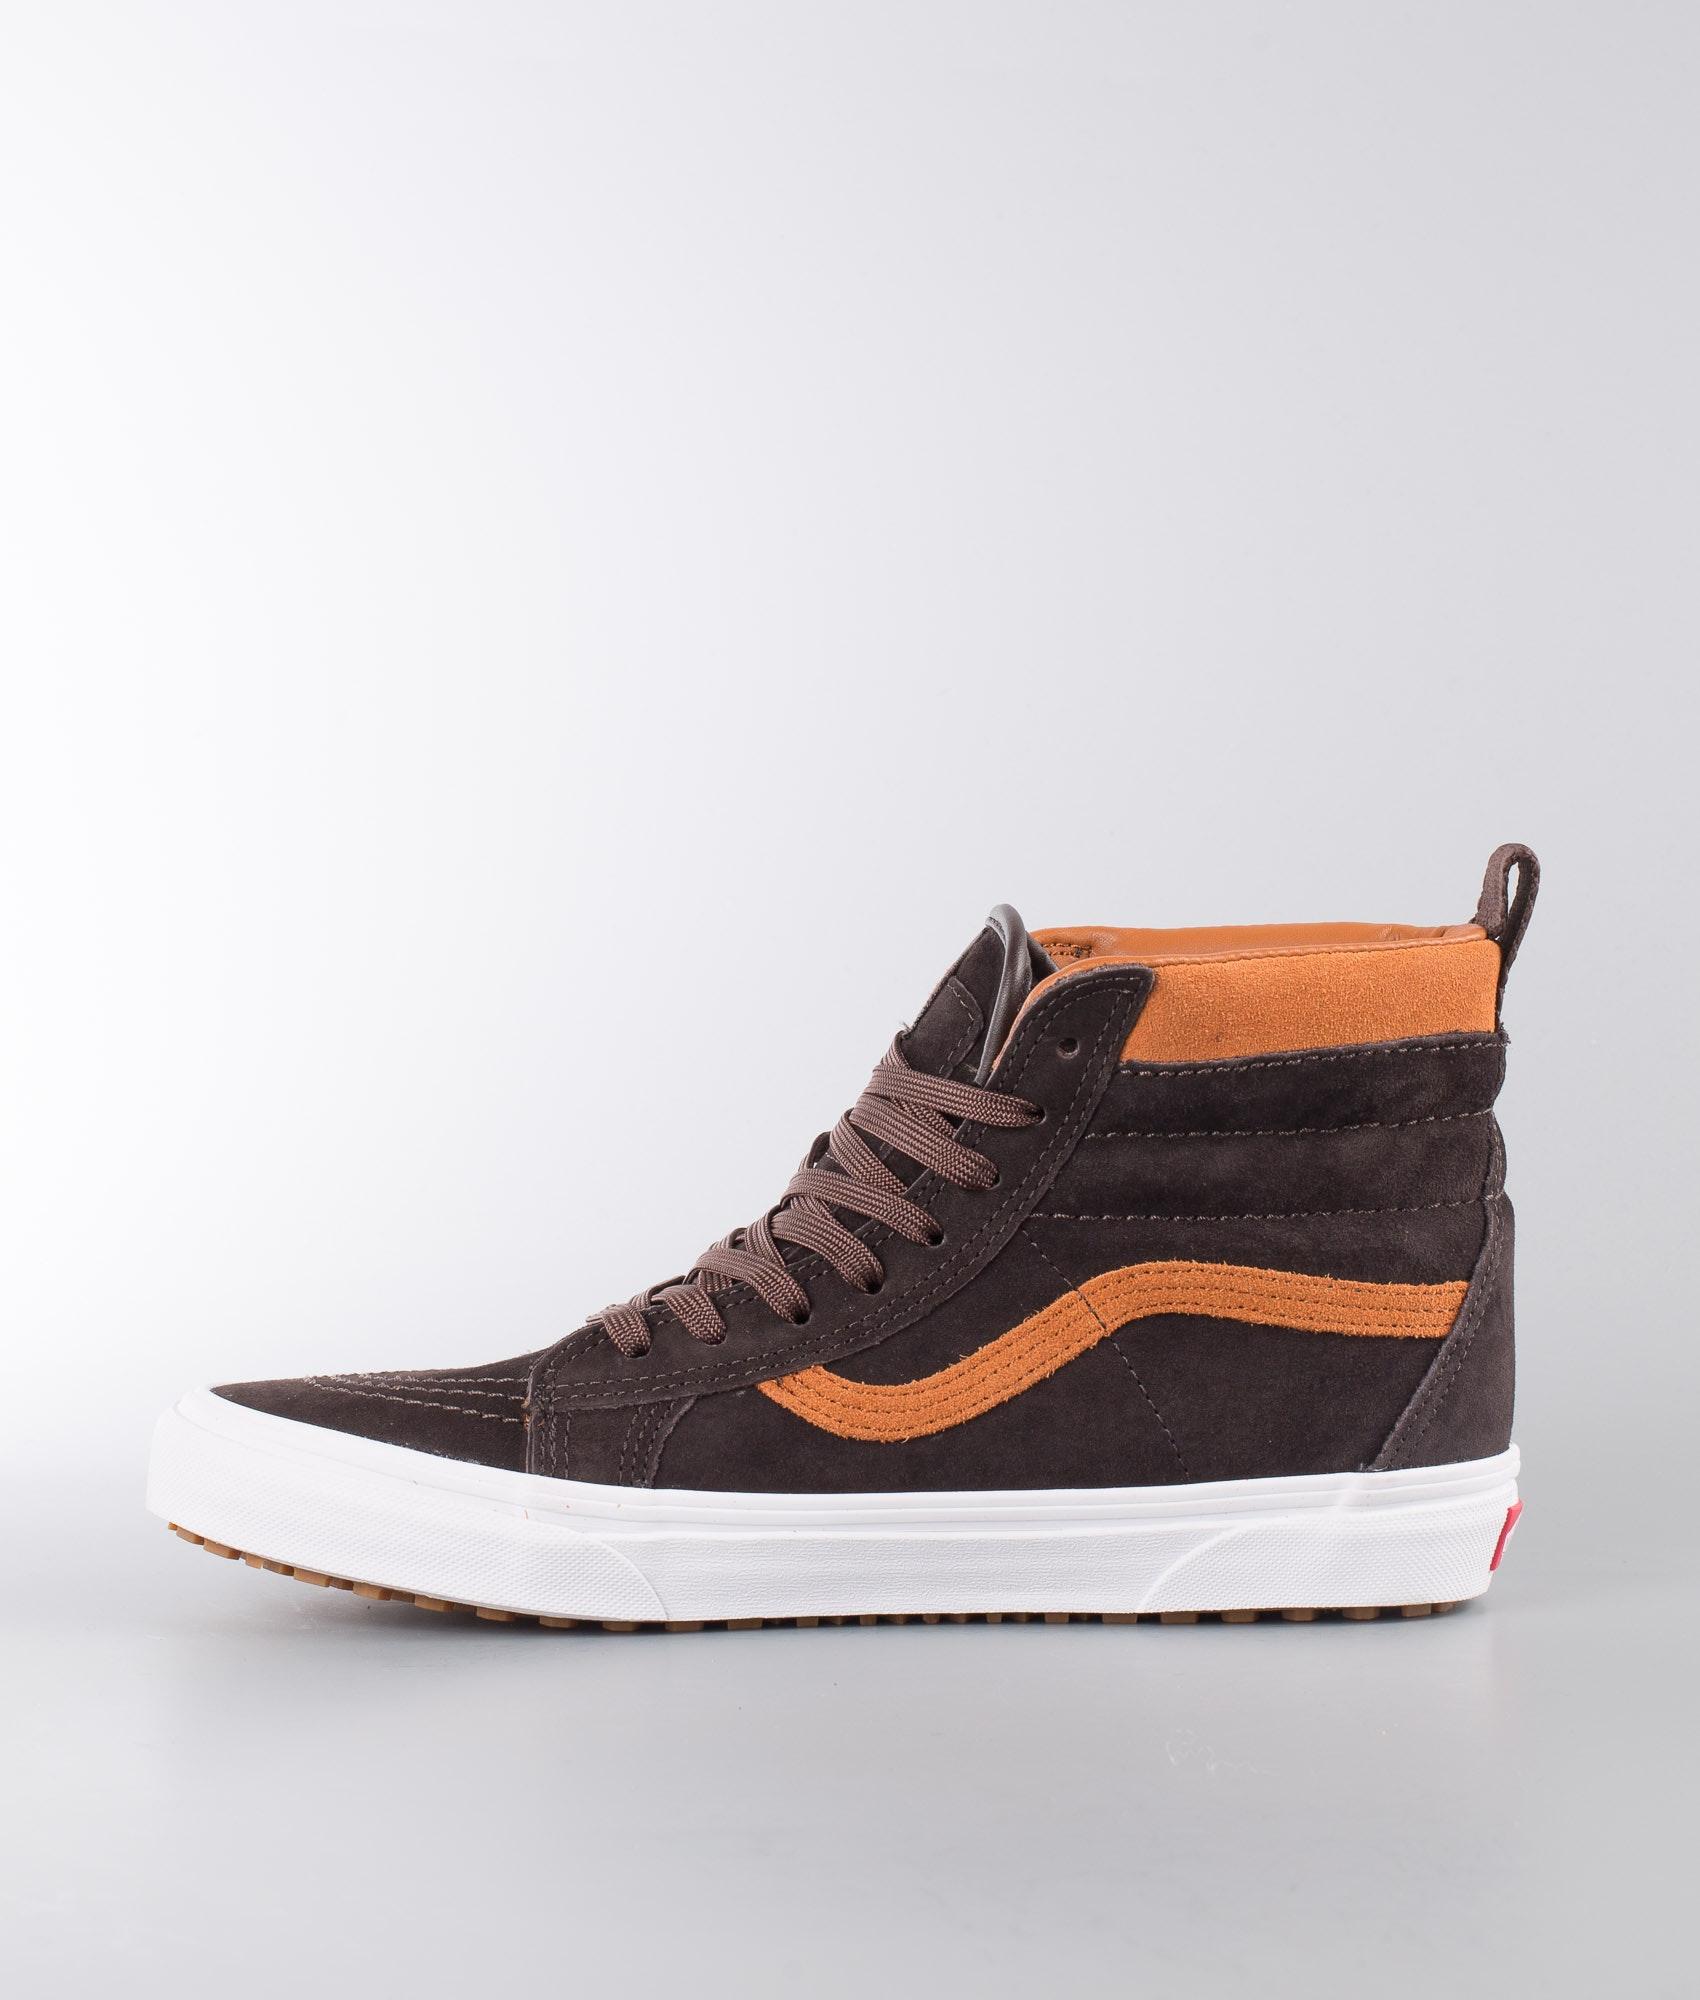 e673ba69e5 Vans Sk8-Hi Mte Shoes (Mte) Suede Chocolate Torte - Ridestore.com